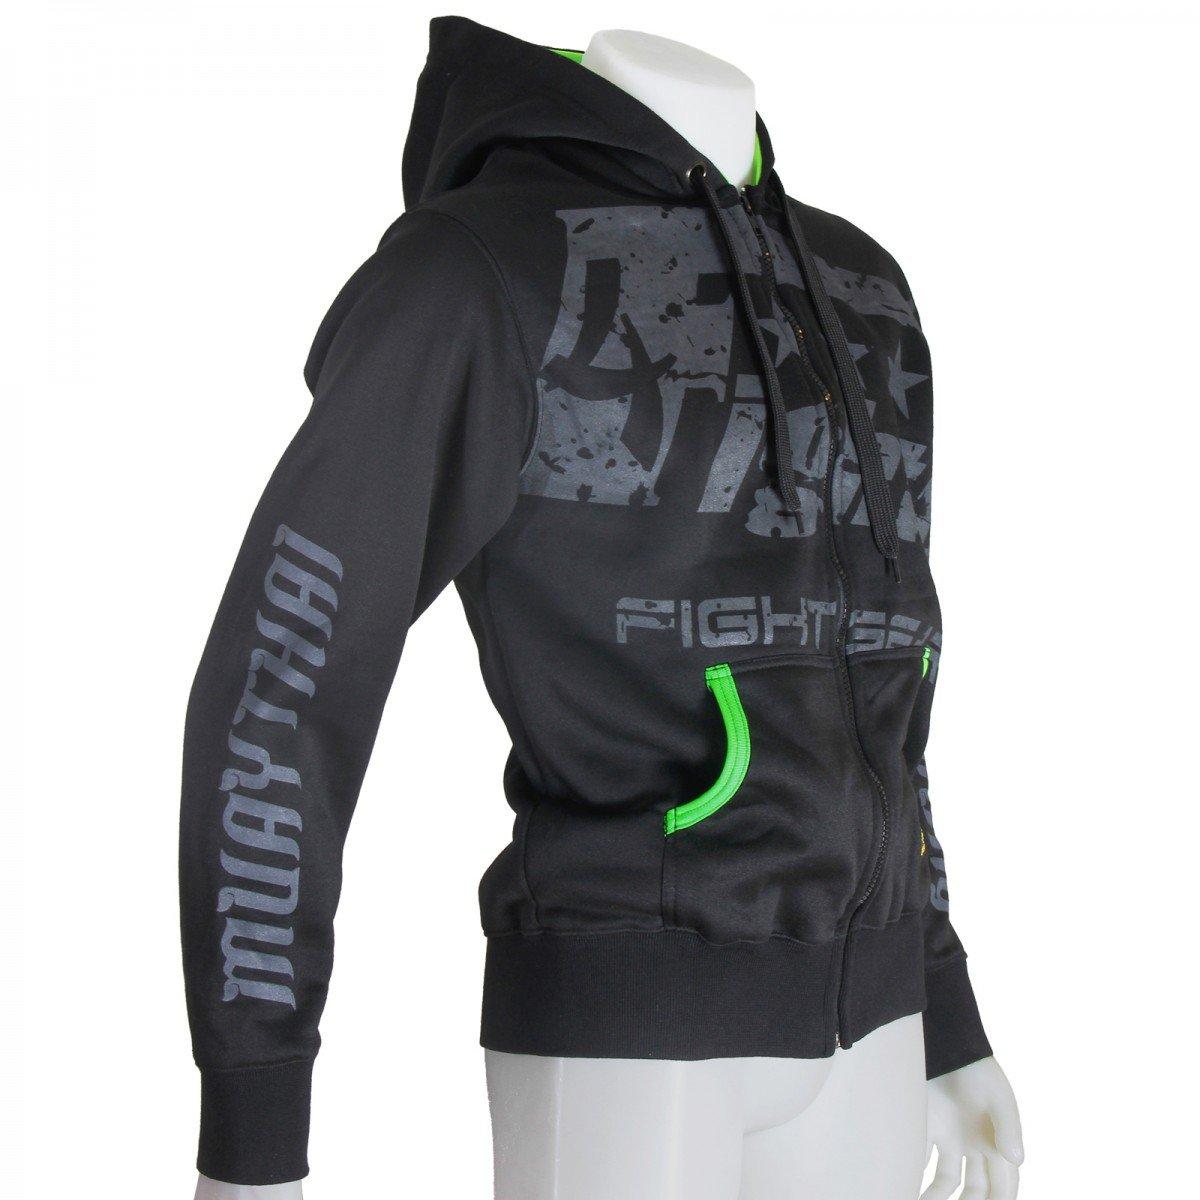 4Fighter Kapuzen Hoodie & 039;MMA We Are All one& 039; Hoodie mit Kapuze und Reißverschluß schwarz neongrün